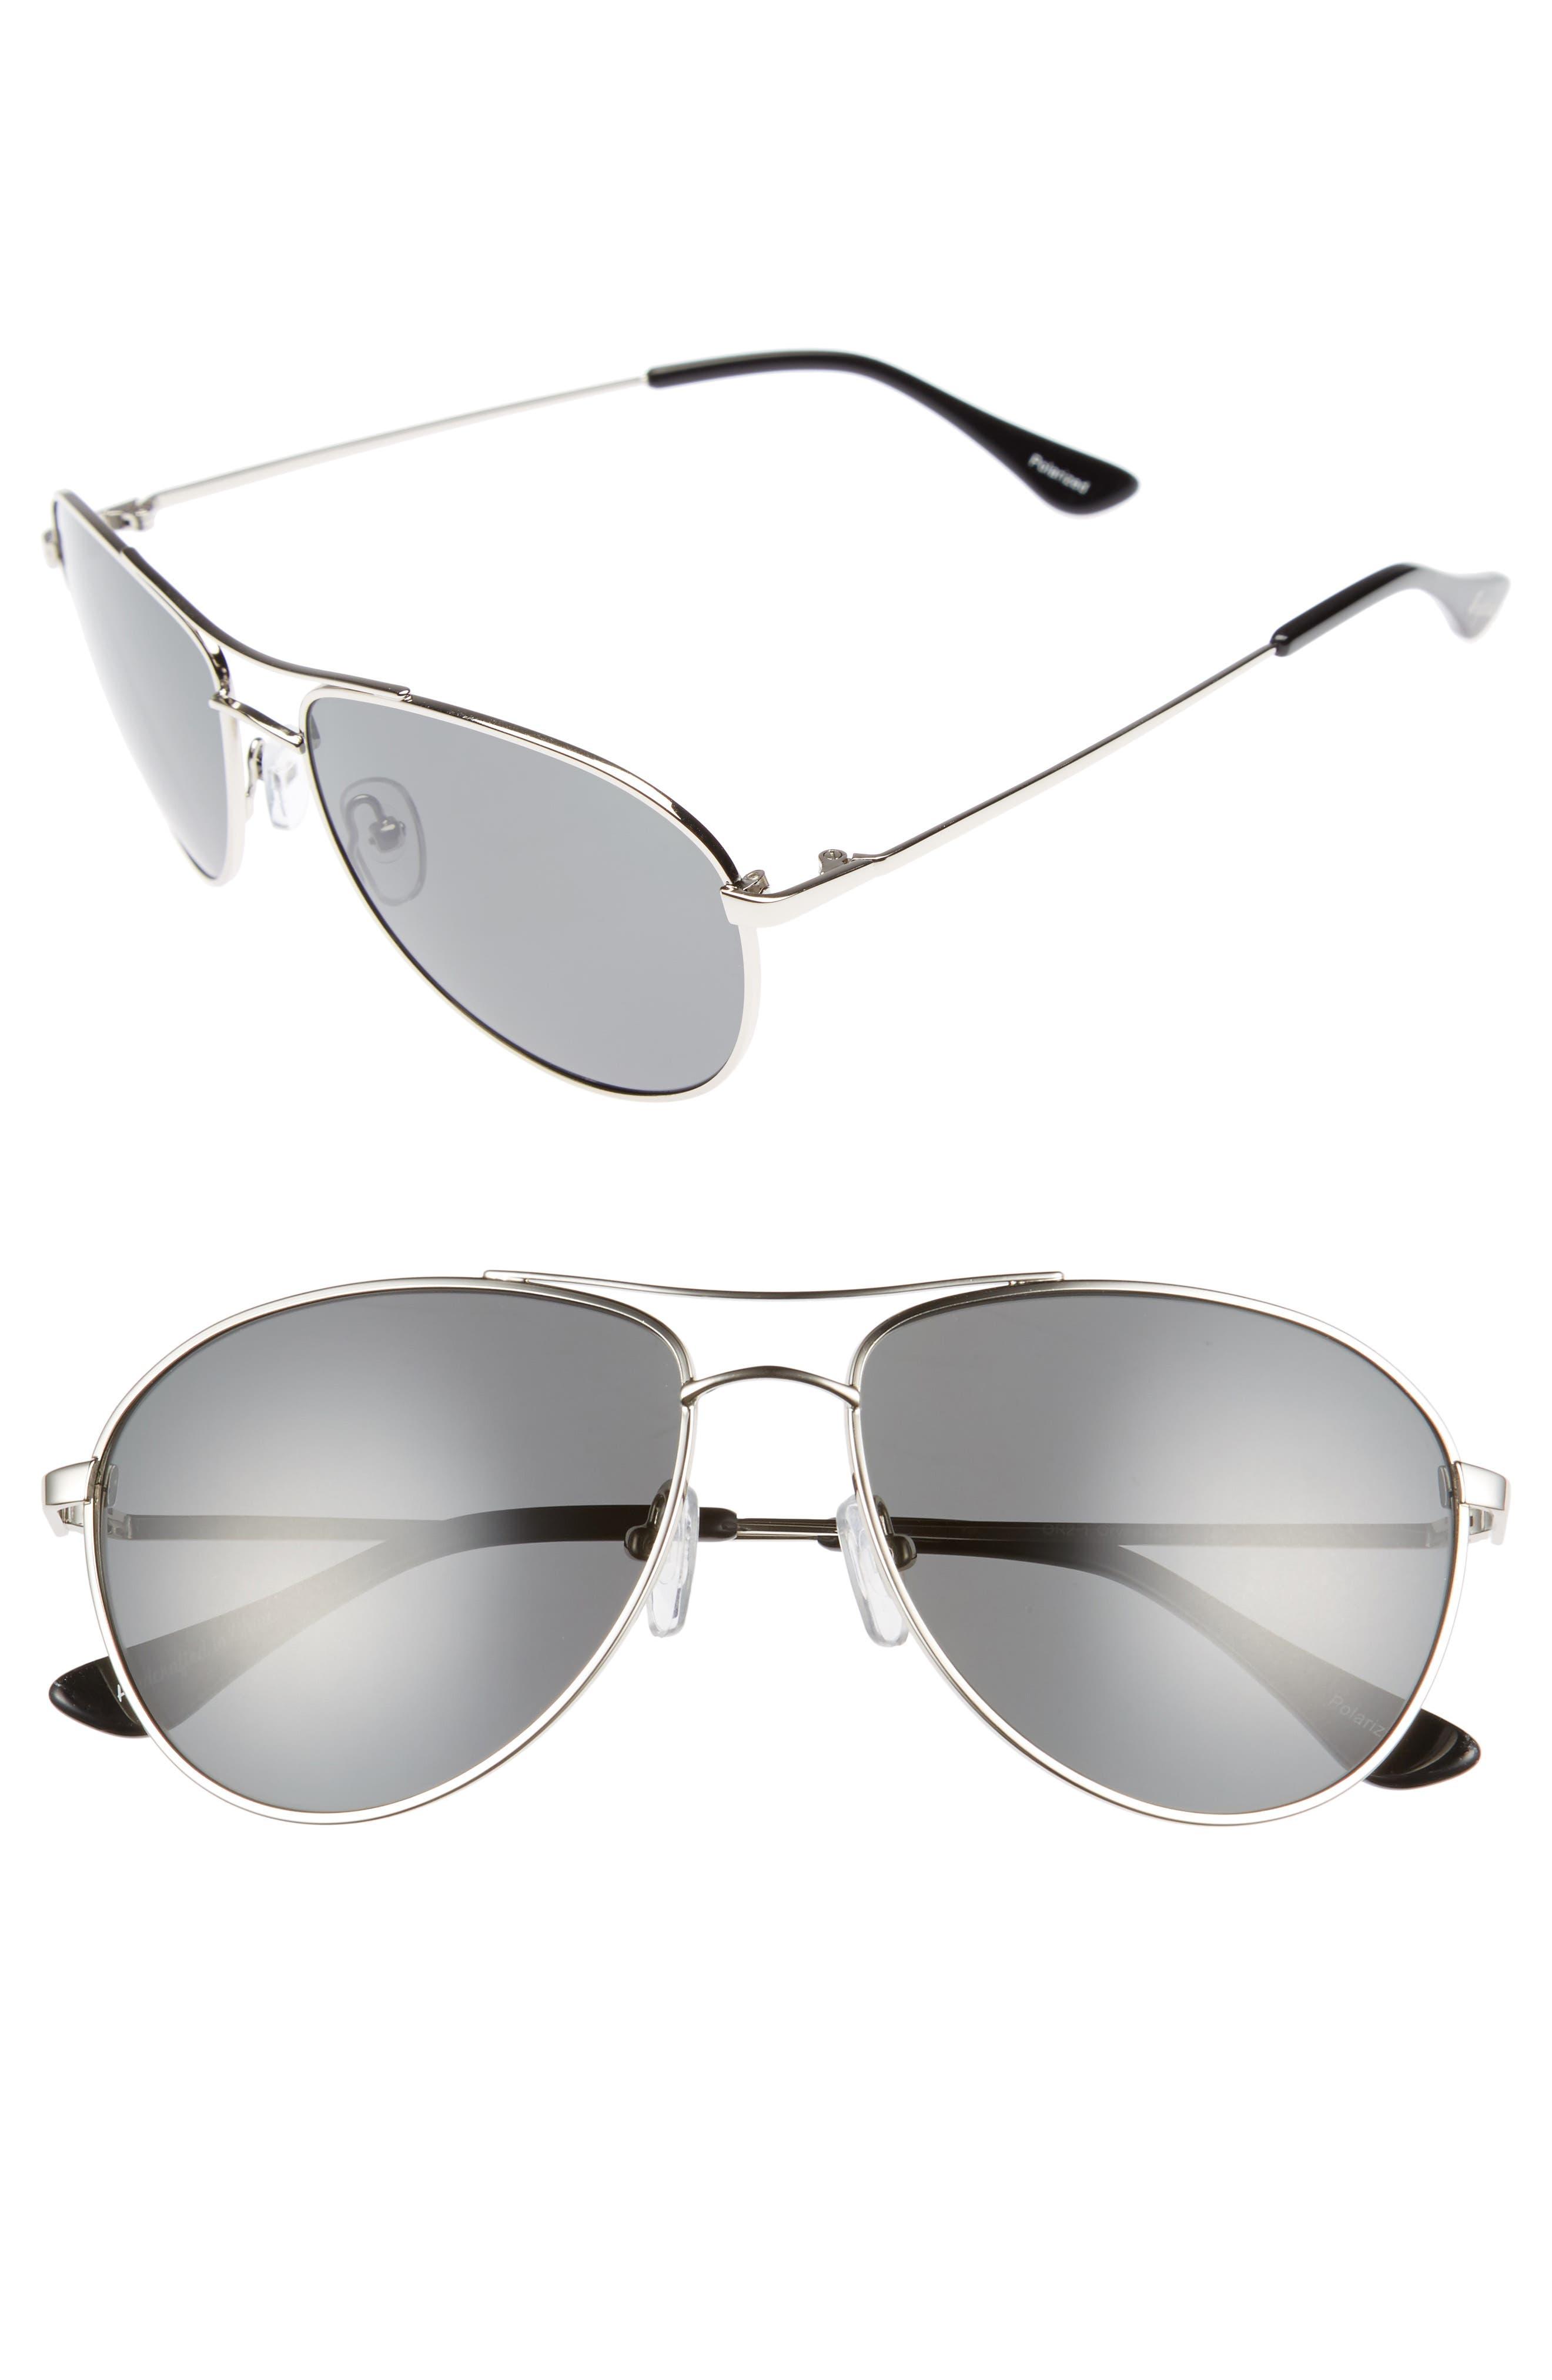 Alternate Image 1 Selected - Brightside Orville 58mm Polarized Aviator Sunglasses